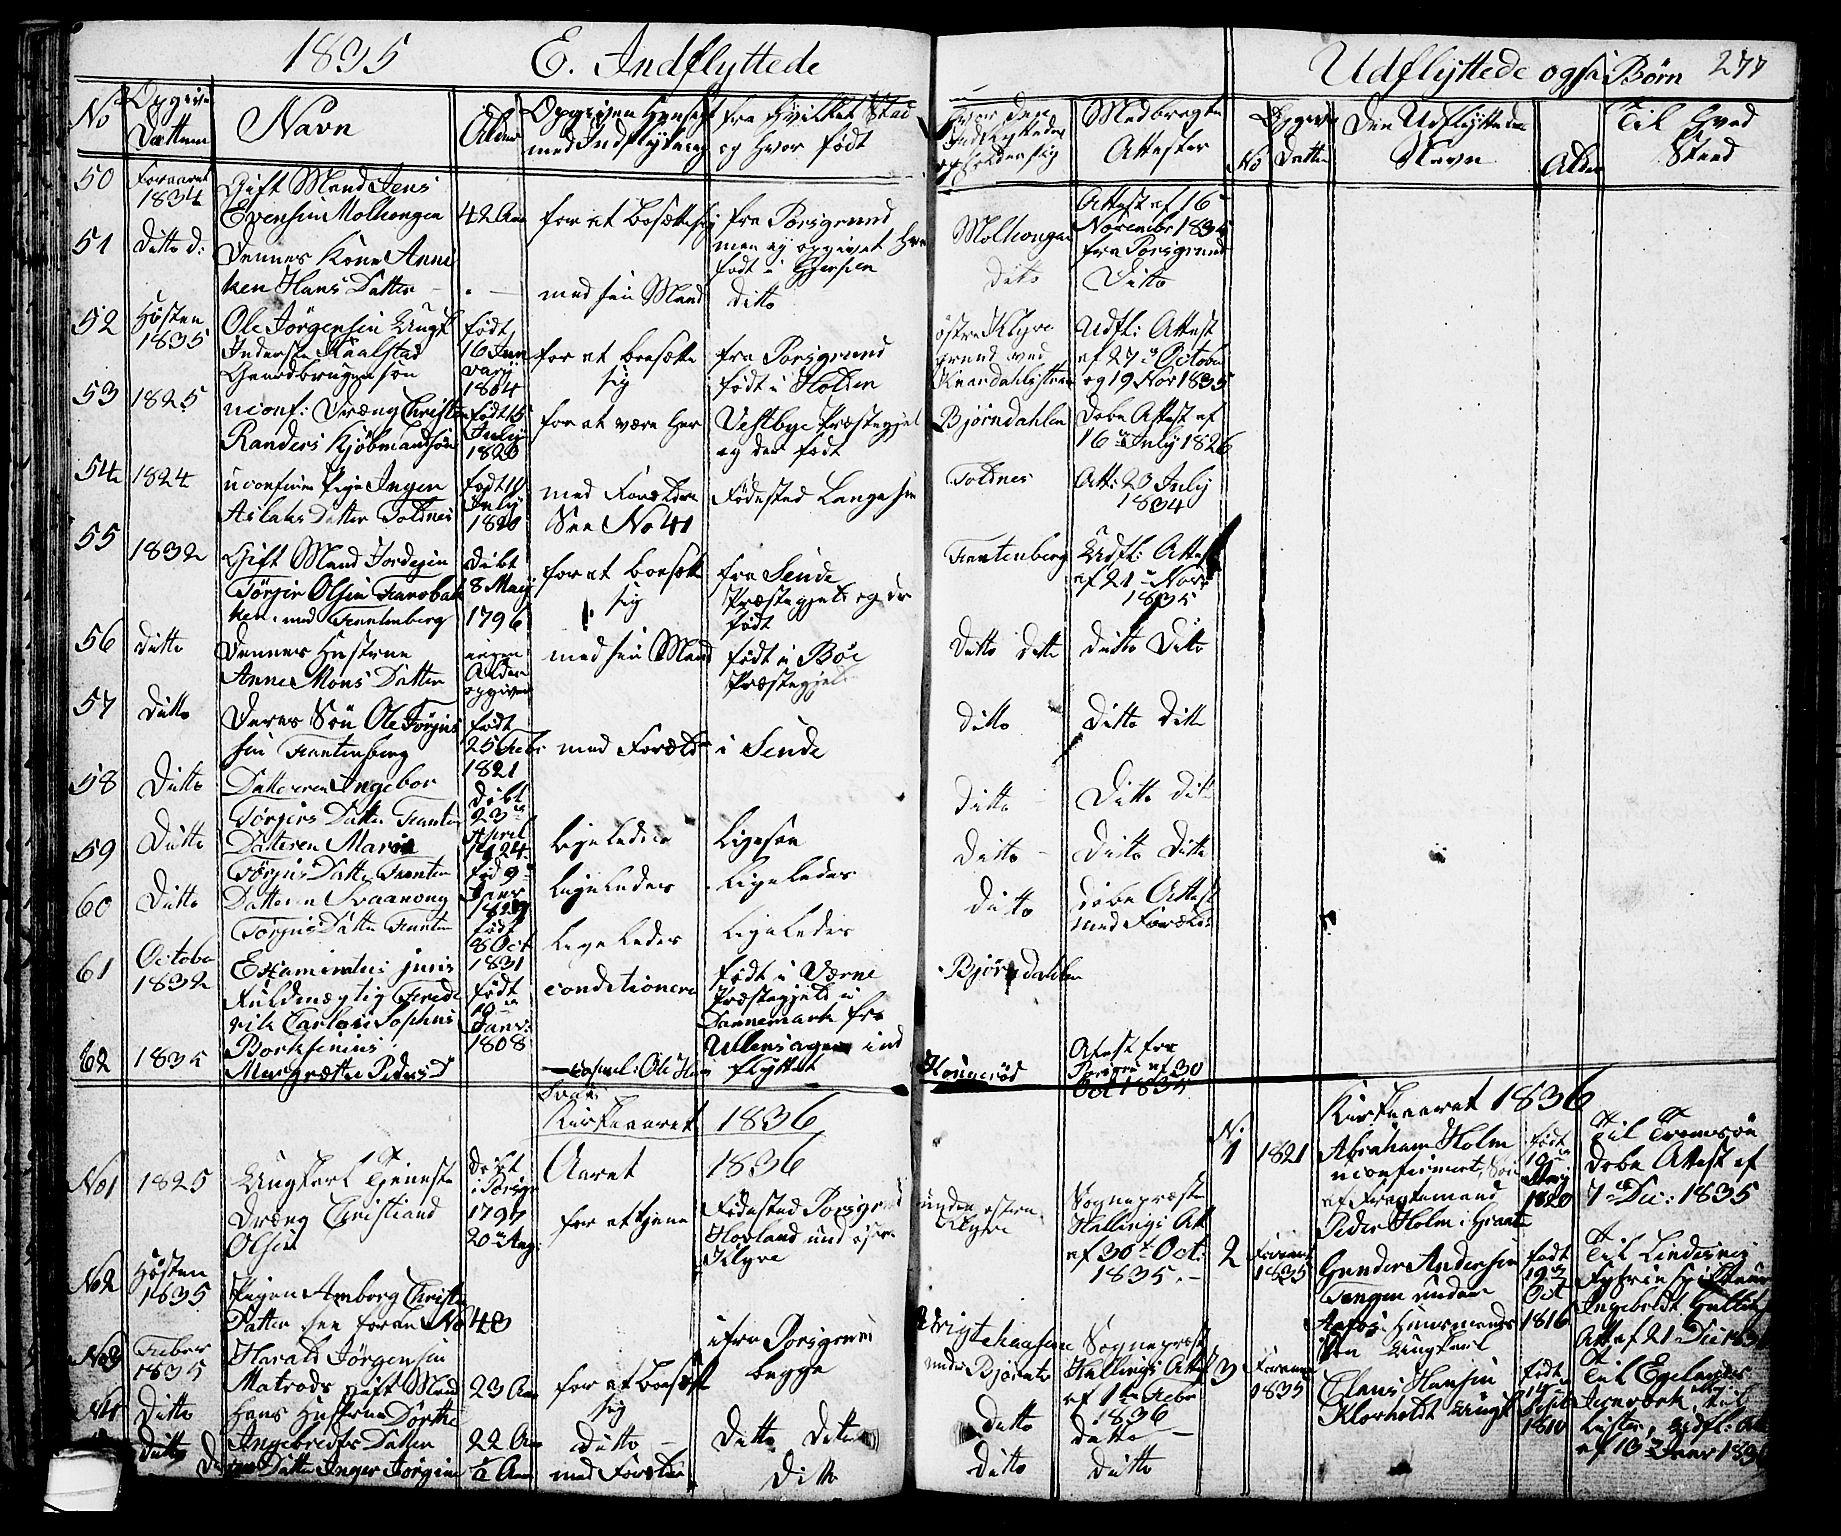 SAKO, Solum kirkebøker, G/Ga/L0002: Klokkerbok nr. I 2, 1834-1848, s. 277